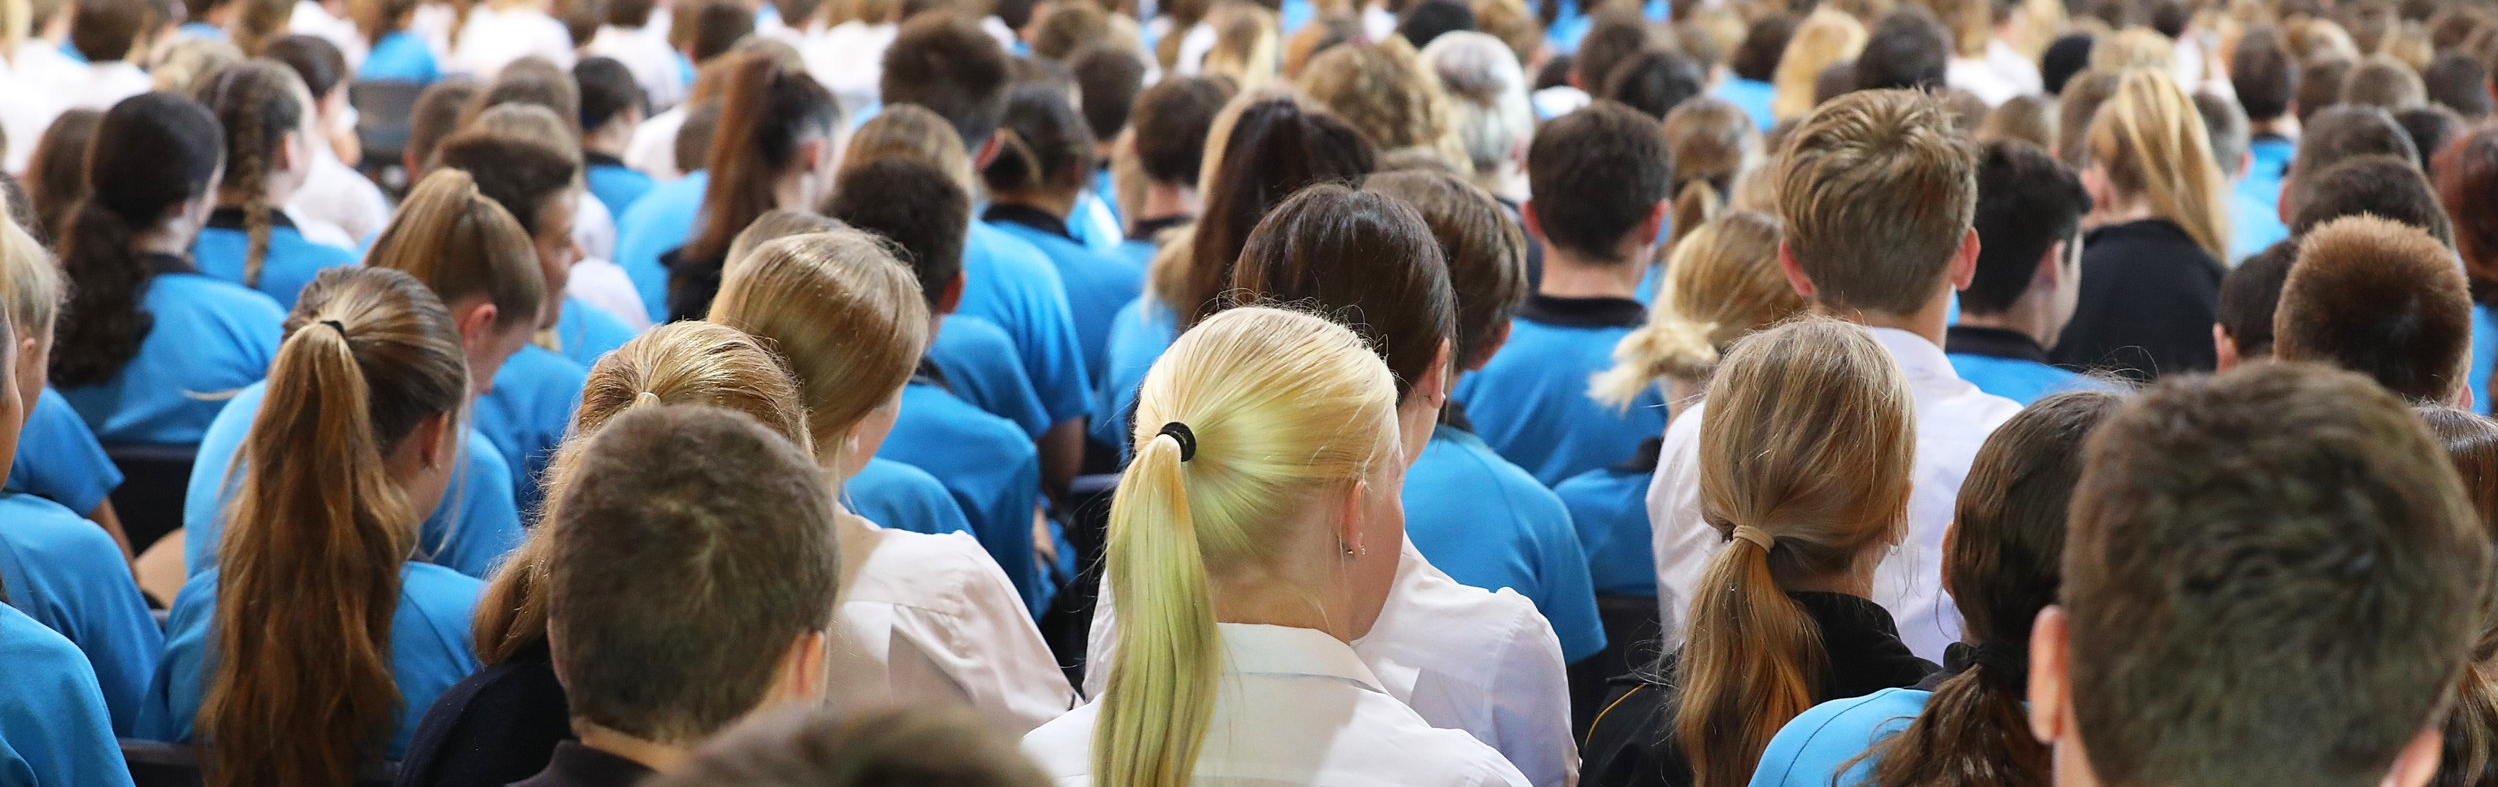 pupils-school-assembly-hall.jpg